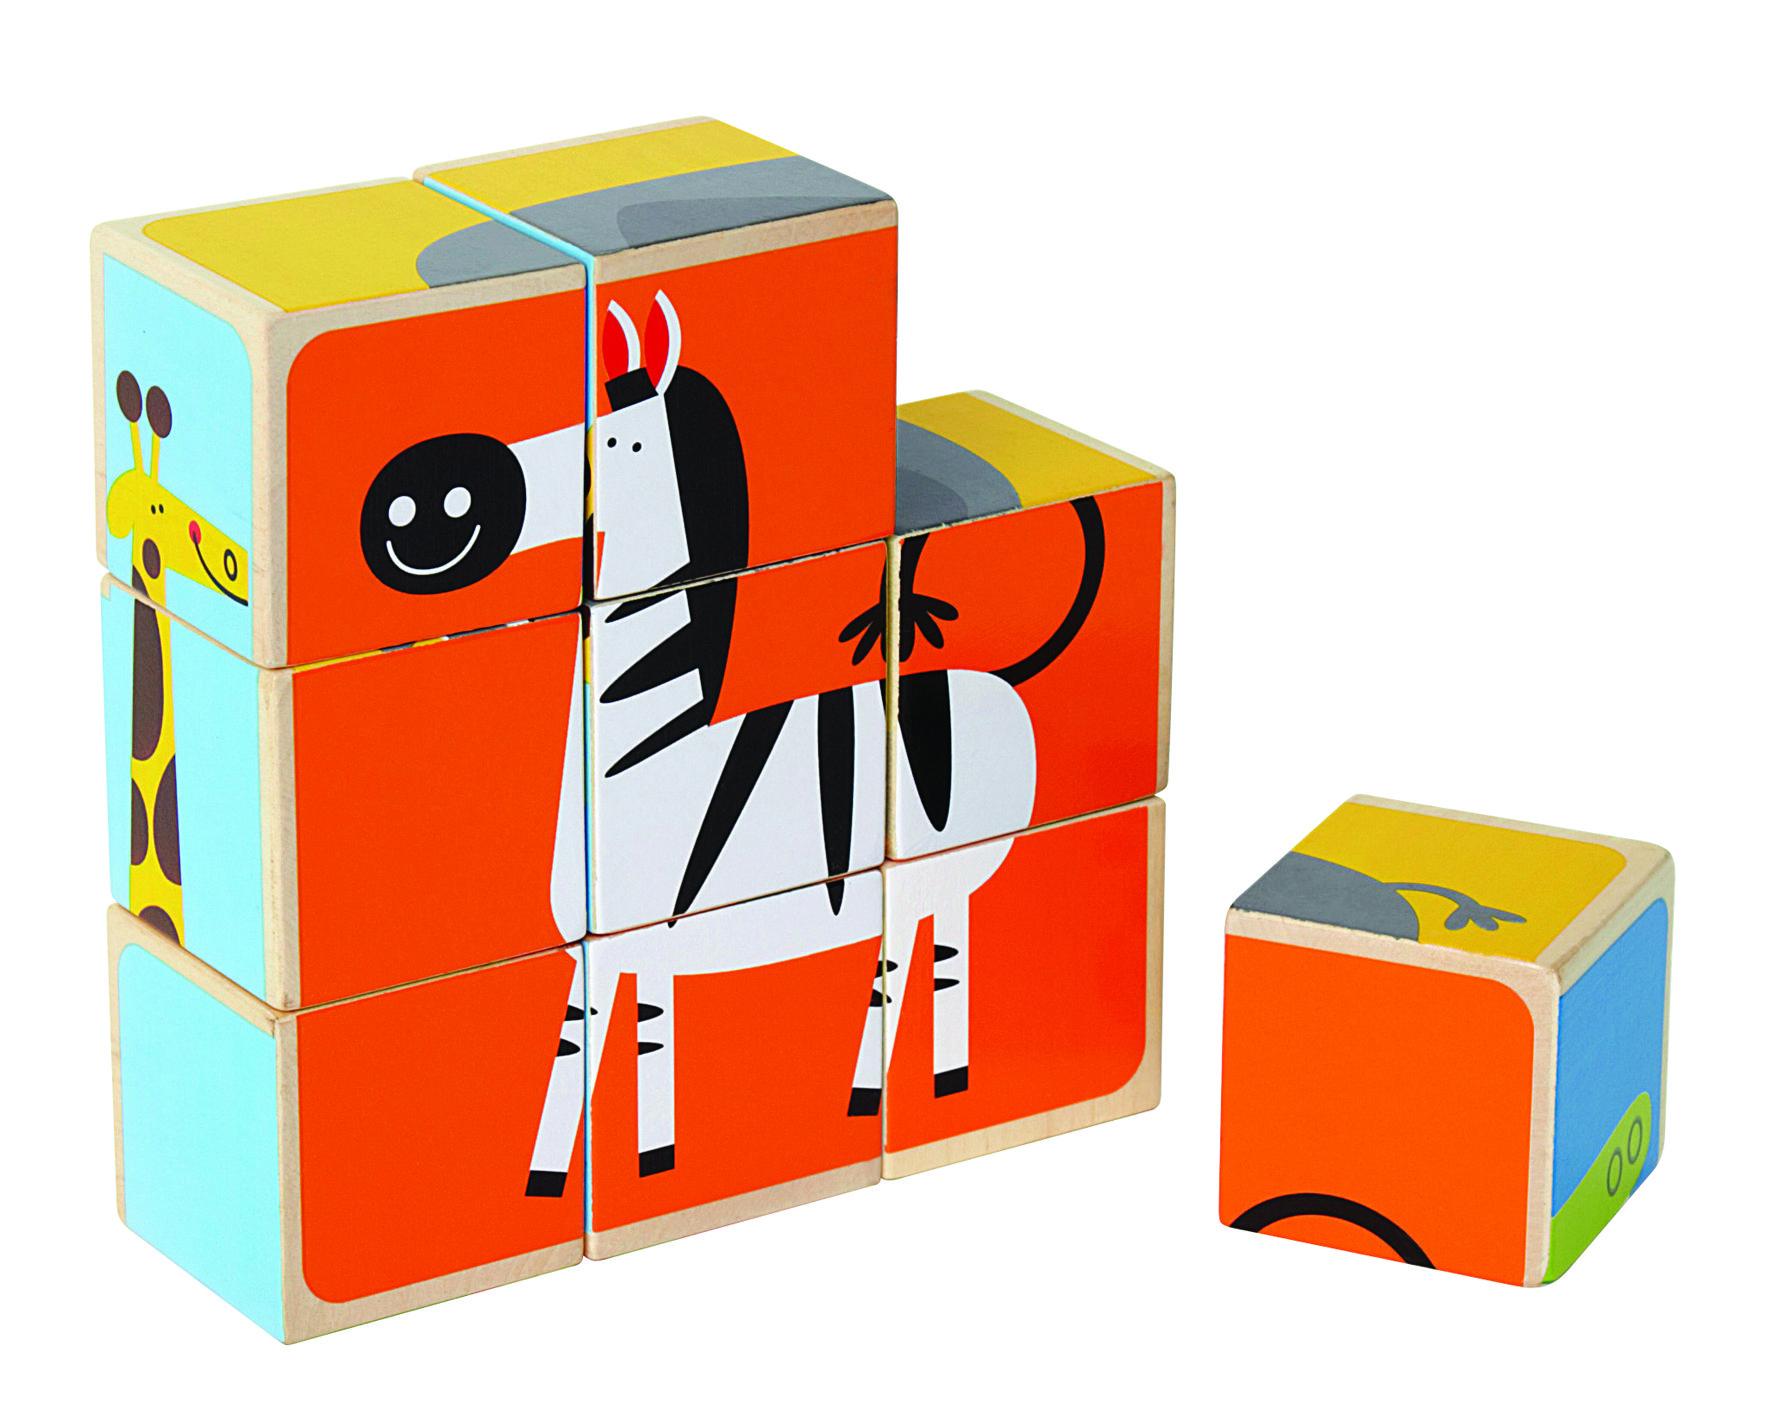 Deze leuke blokkenpuzzel laat kinderen zes bekende dieren in elkaar zetten. Maar het is niet altijd een vierkante vorm van 9 blokken. De giraffepuzzel is hoog, die van de krokodil lang.